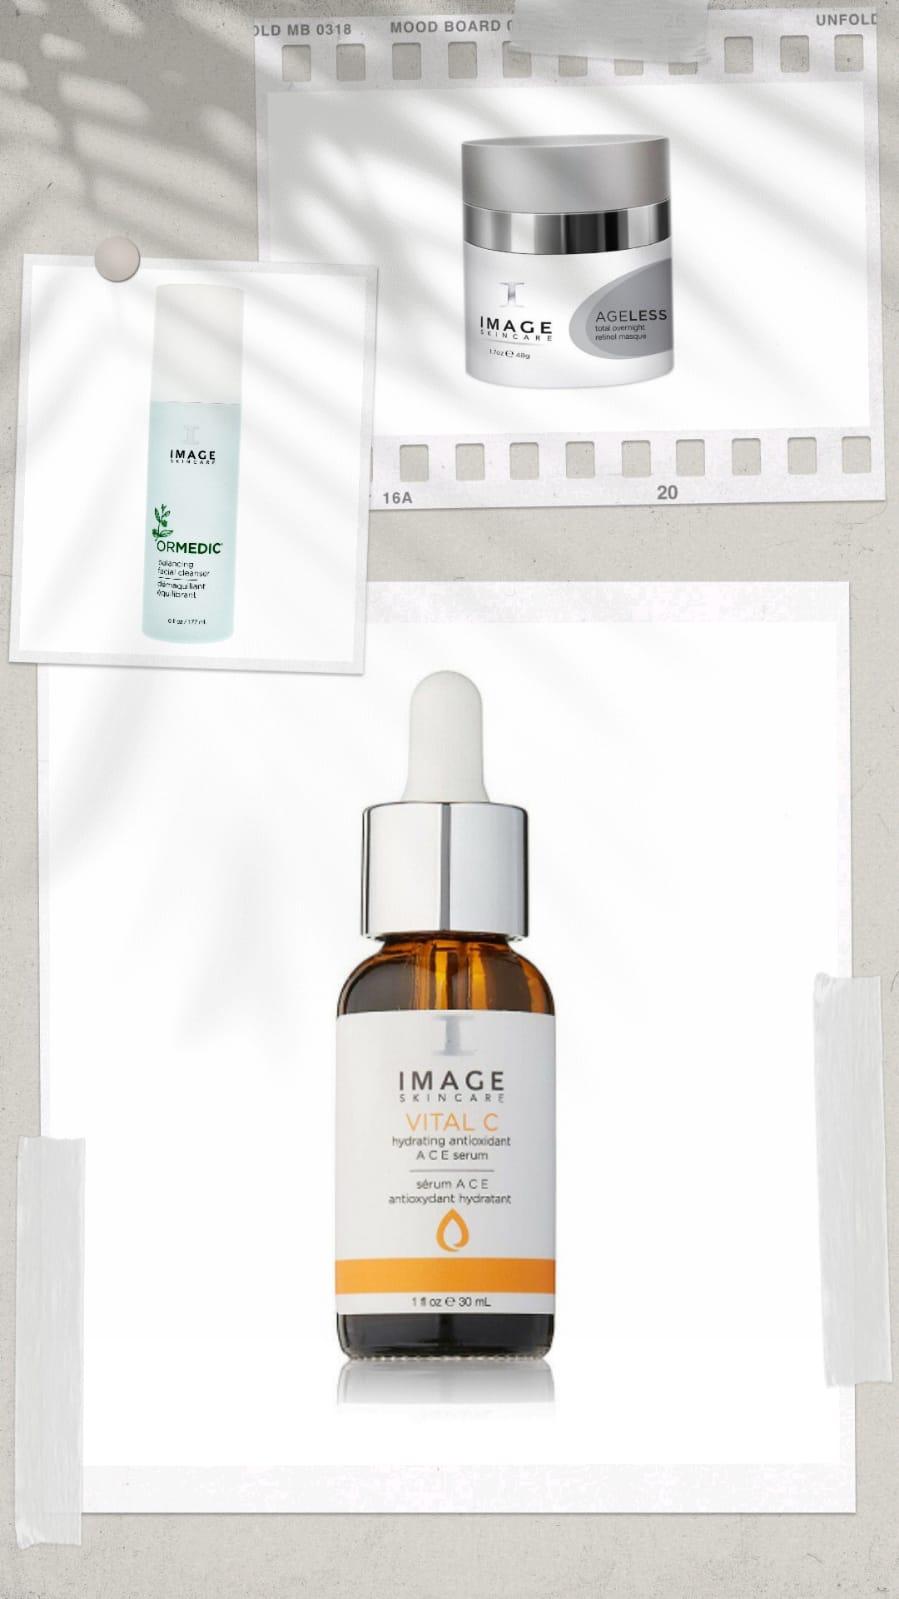 Image Skincare reviews